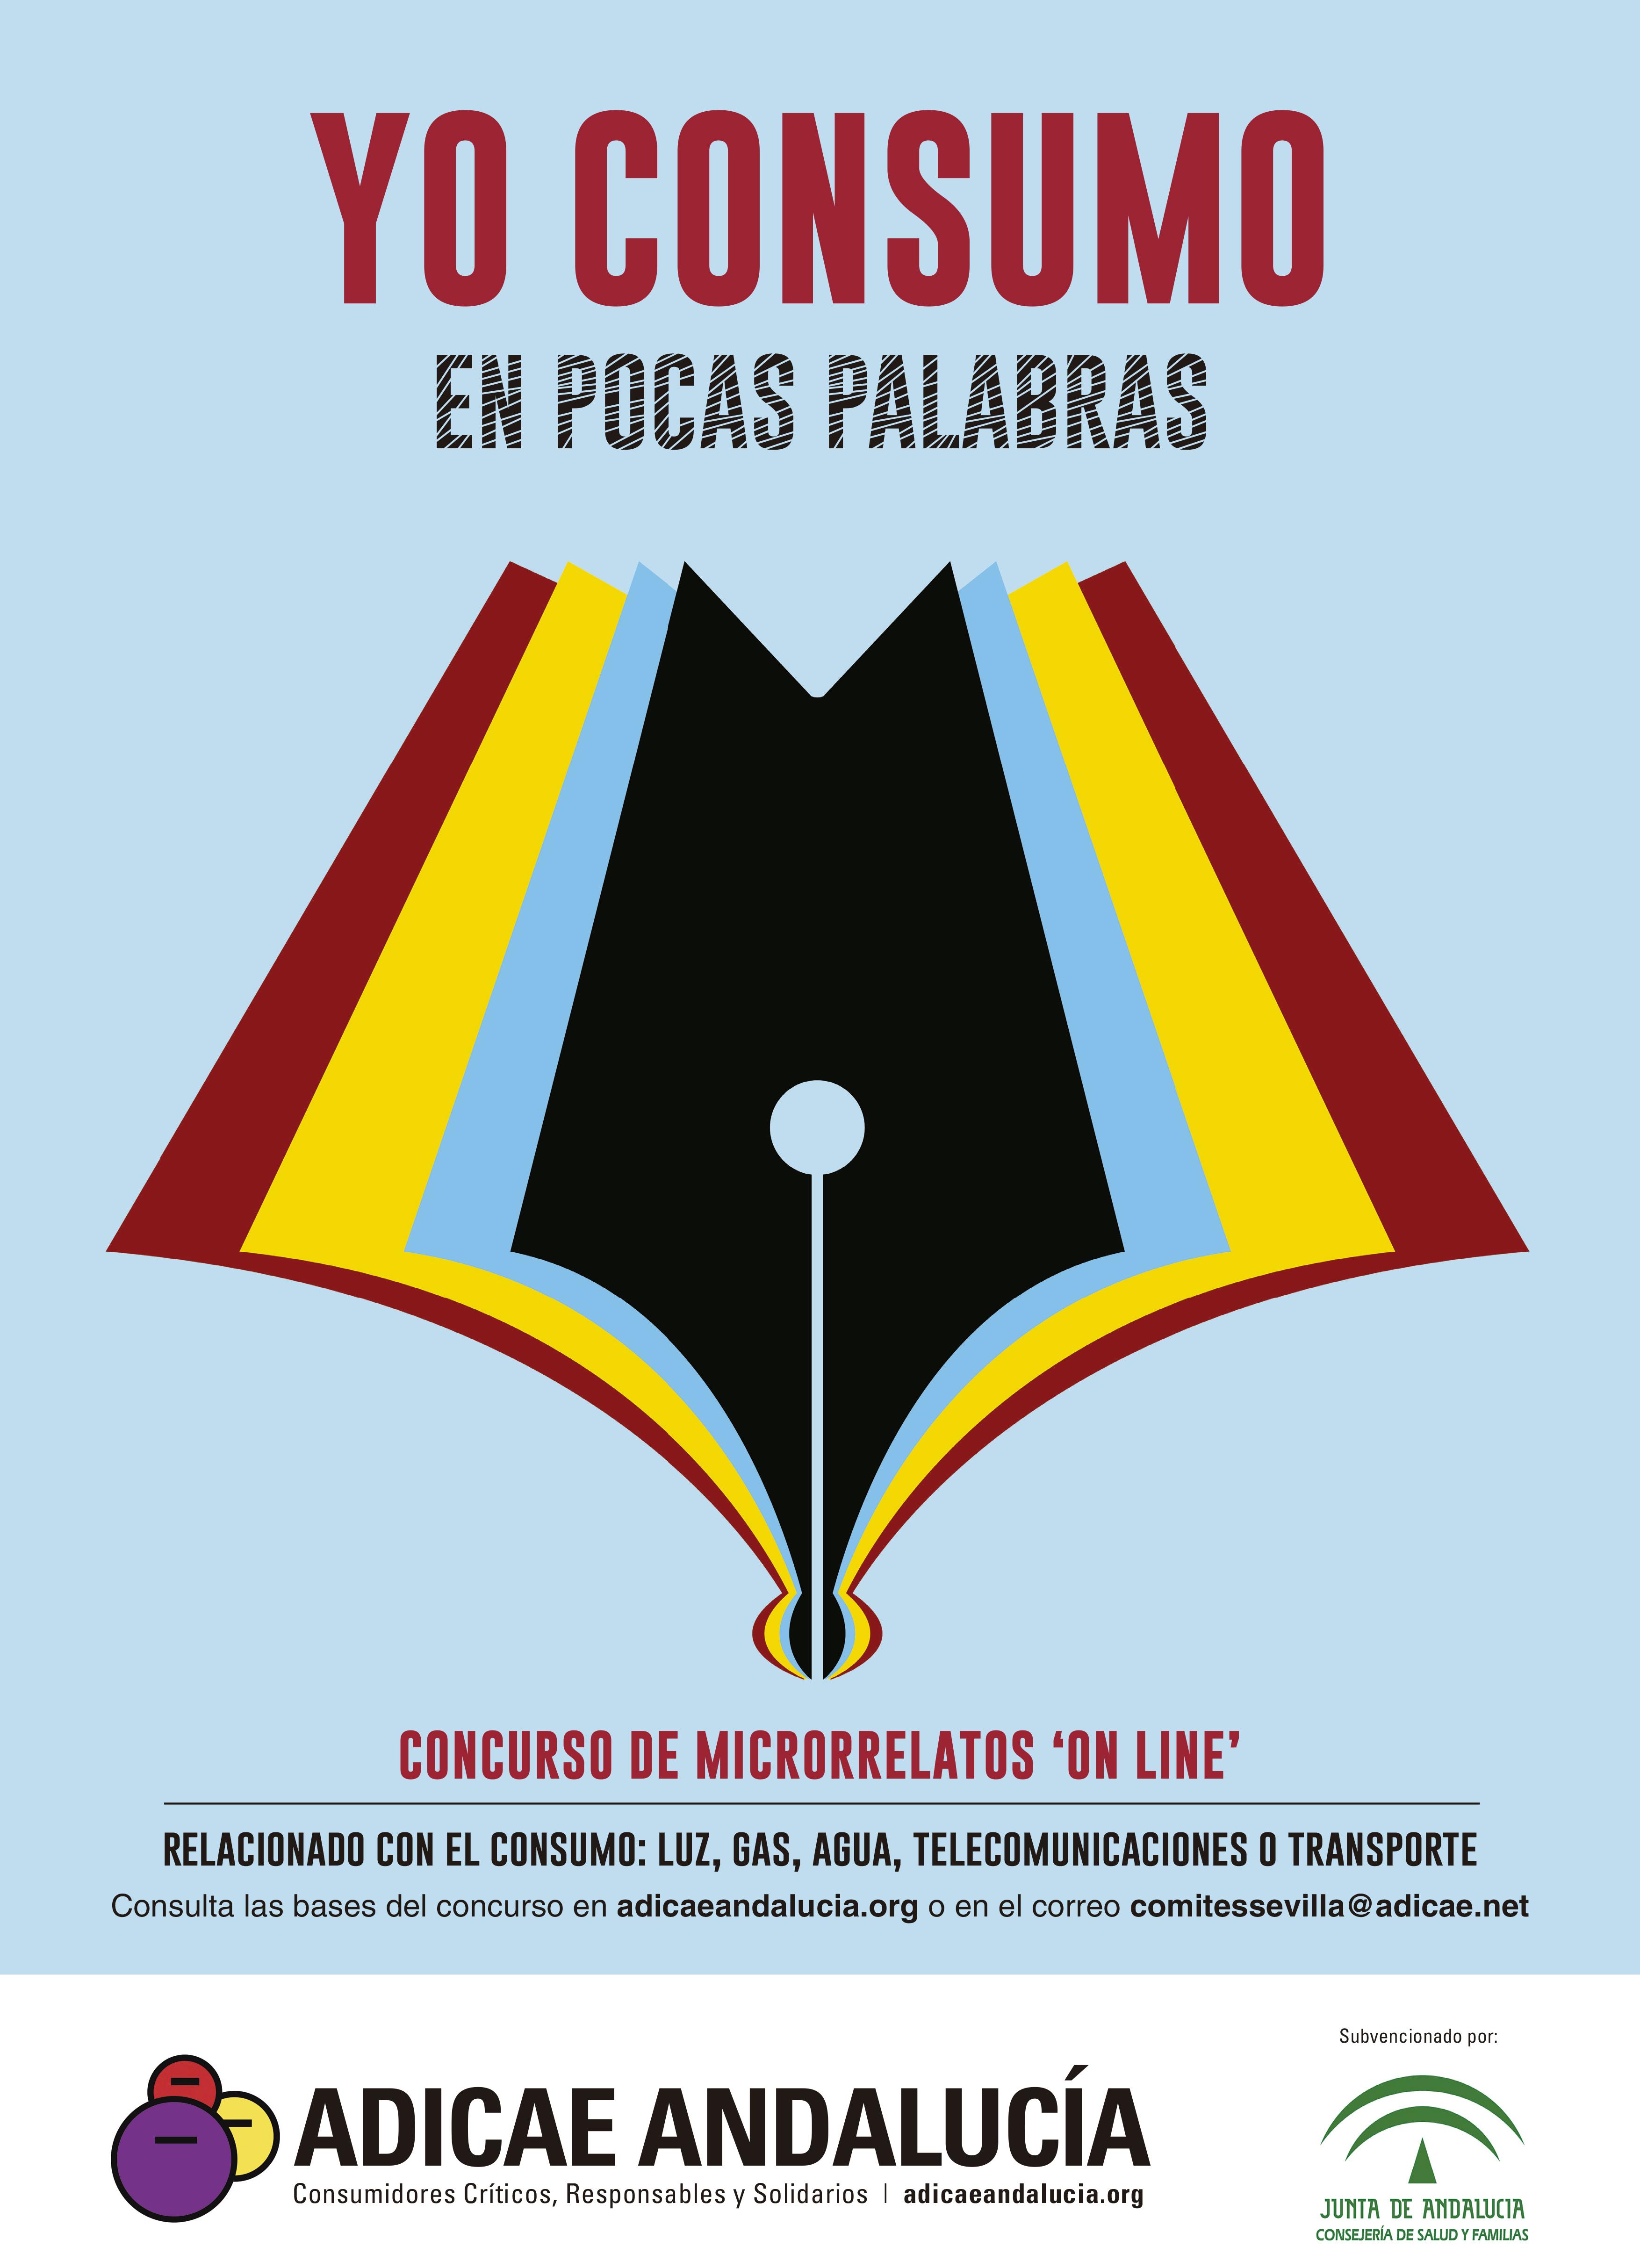 ADICAE Andalucía desvela la palabra de esta semana para participar en el concurso de microrrelatos